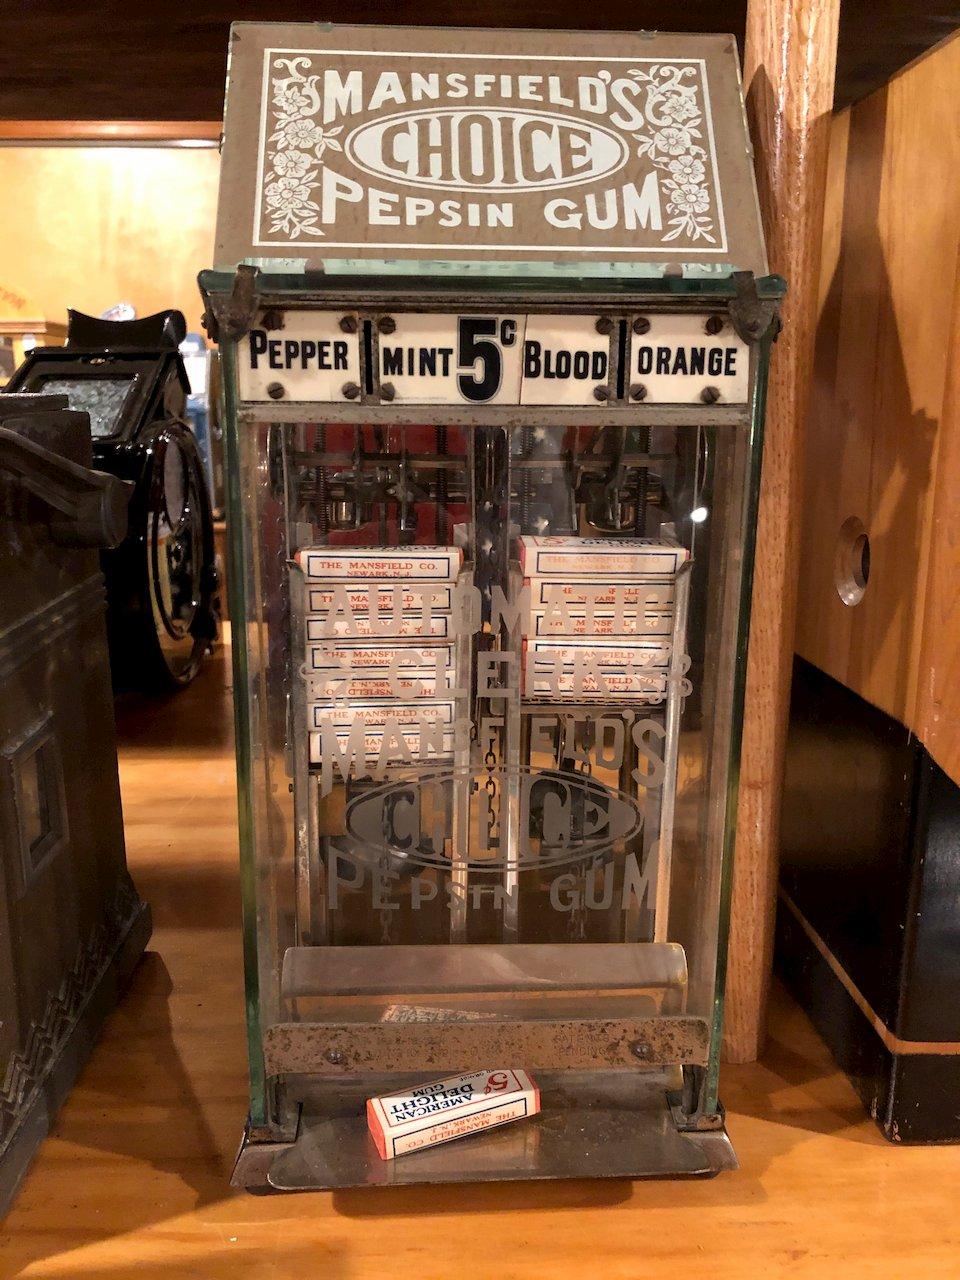 Mansfield Choice Pepsin Gum Vendor